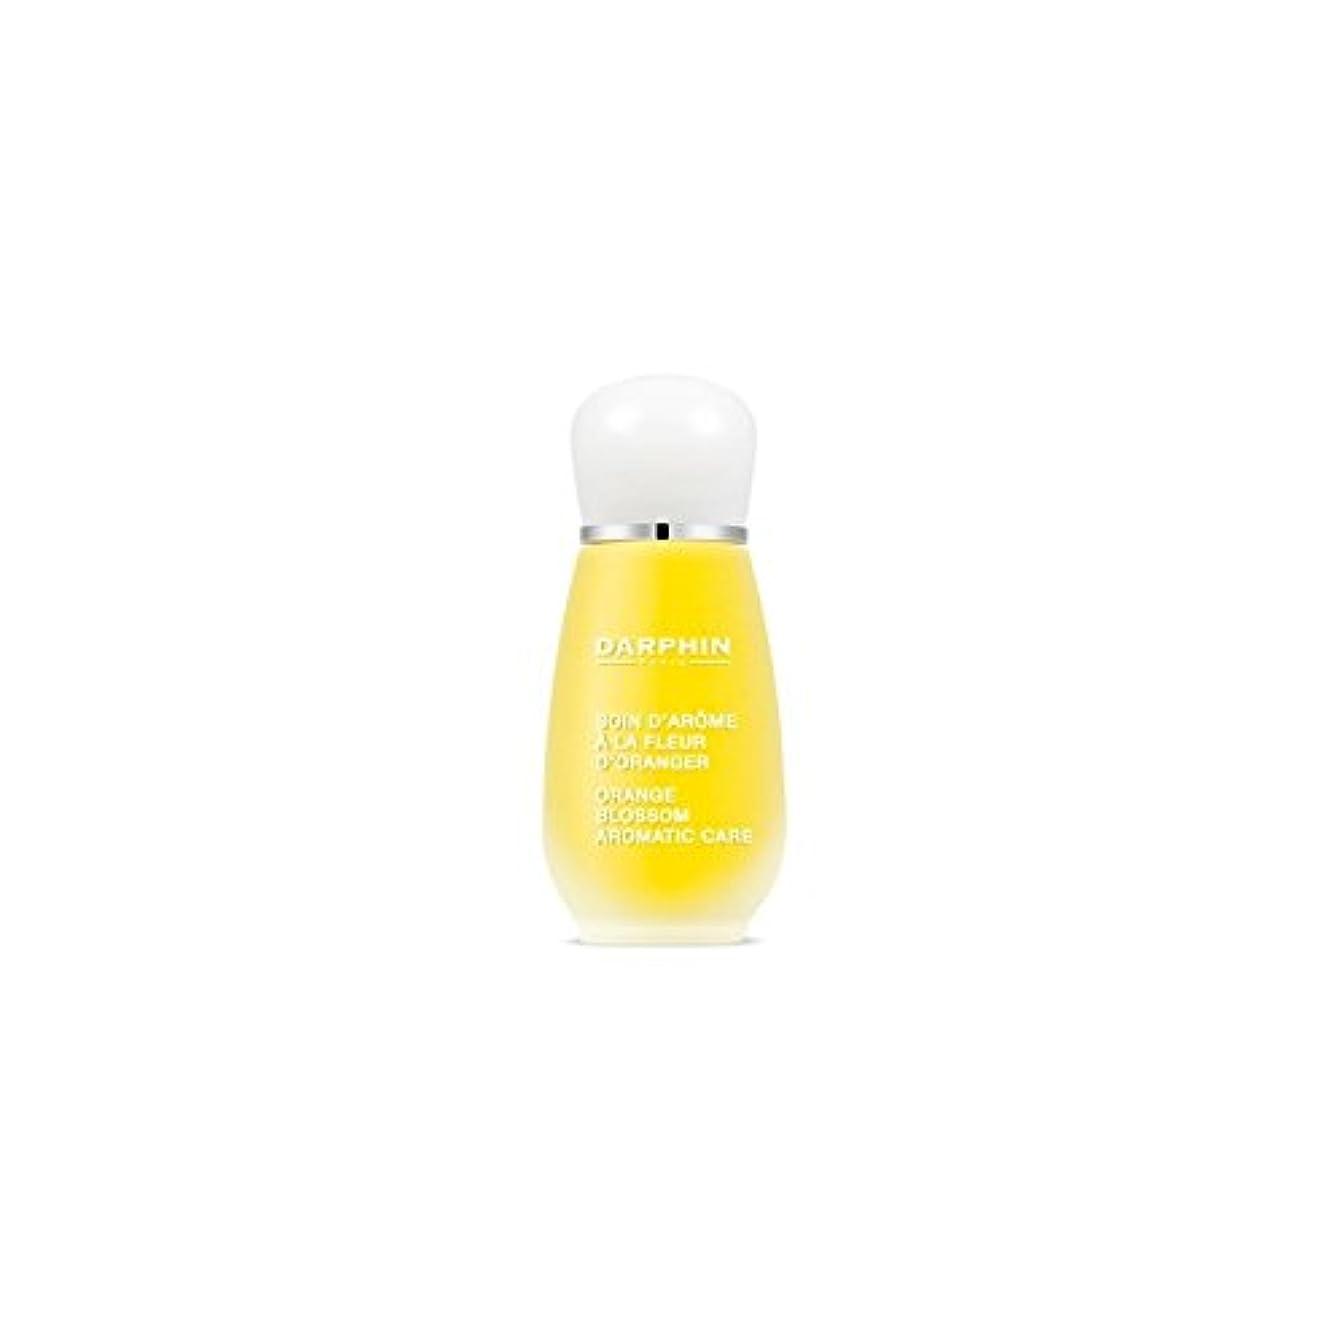 変更エッセンス議会ダルファンオレンジの花の芳香ケア(15ミリリットル) x2 - Darphin Orange Blossom Aromatic Care (15ml) (Pack of 2) [並行輸入品]